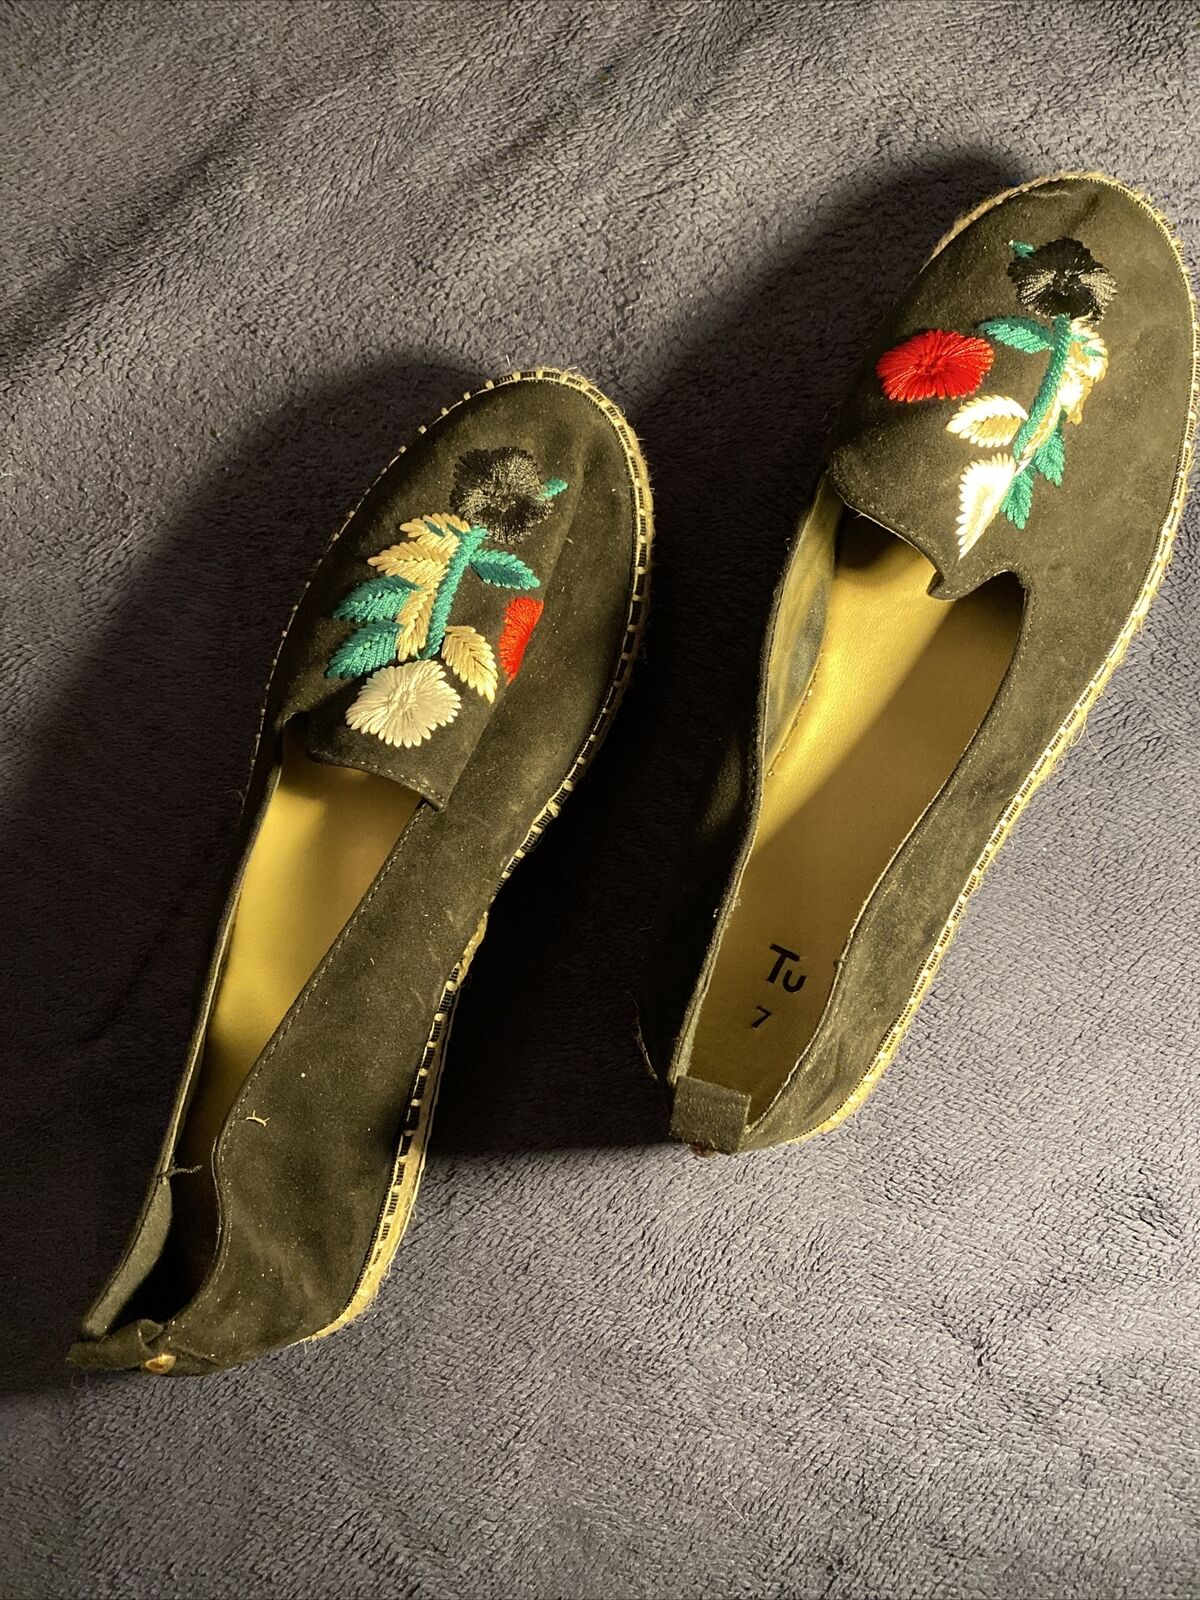 Tu Noir Fleur patterened Plat Chaussures-Taille 7-Très bon état